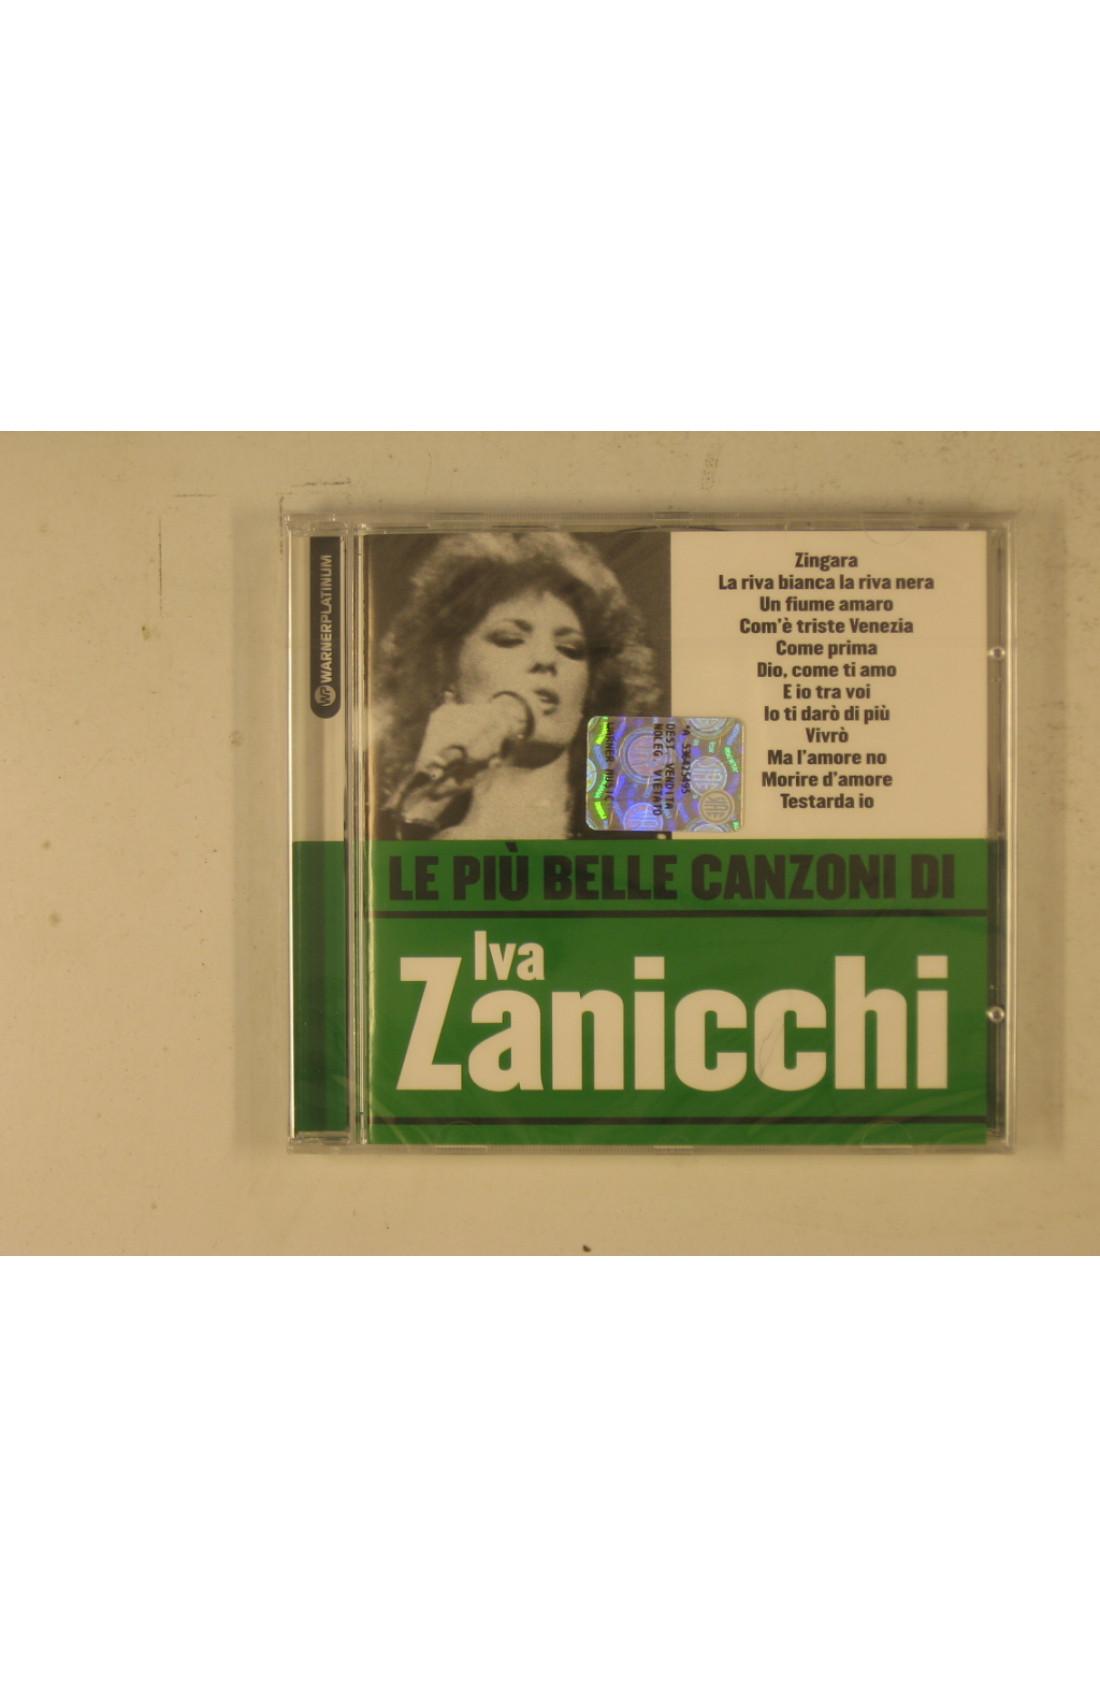 Zanicchi Iva - Le Più Belle Canzoni Di Iva Zanicchi - Italiani - CD